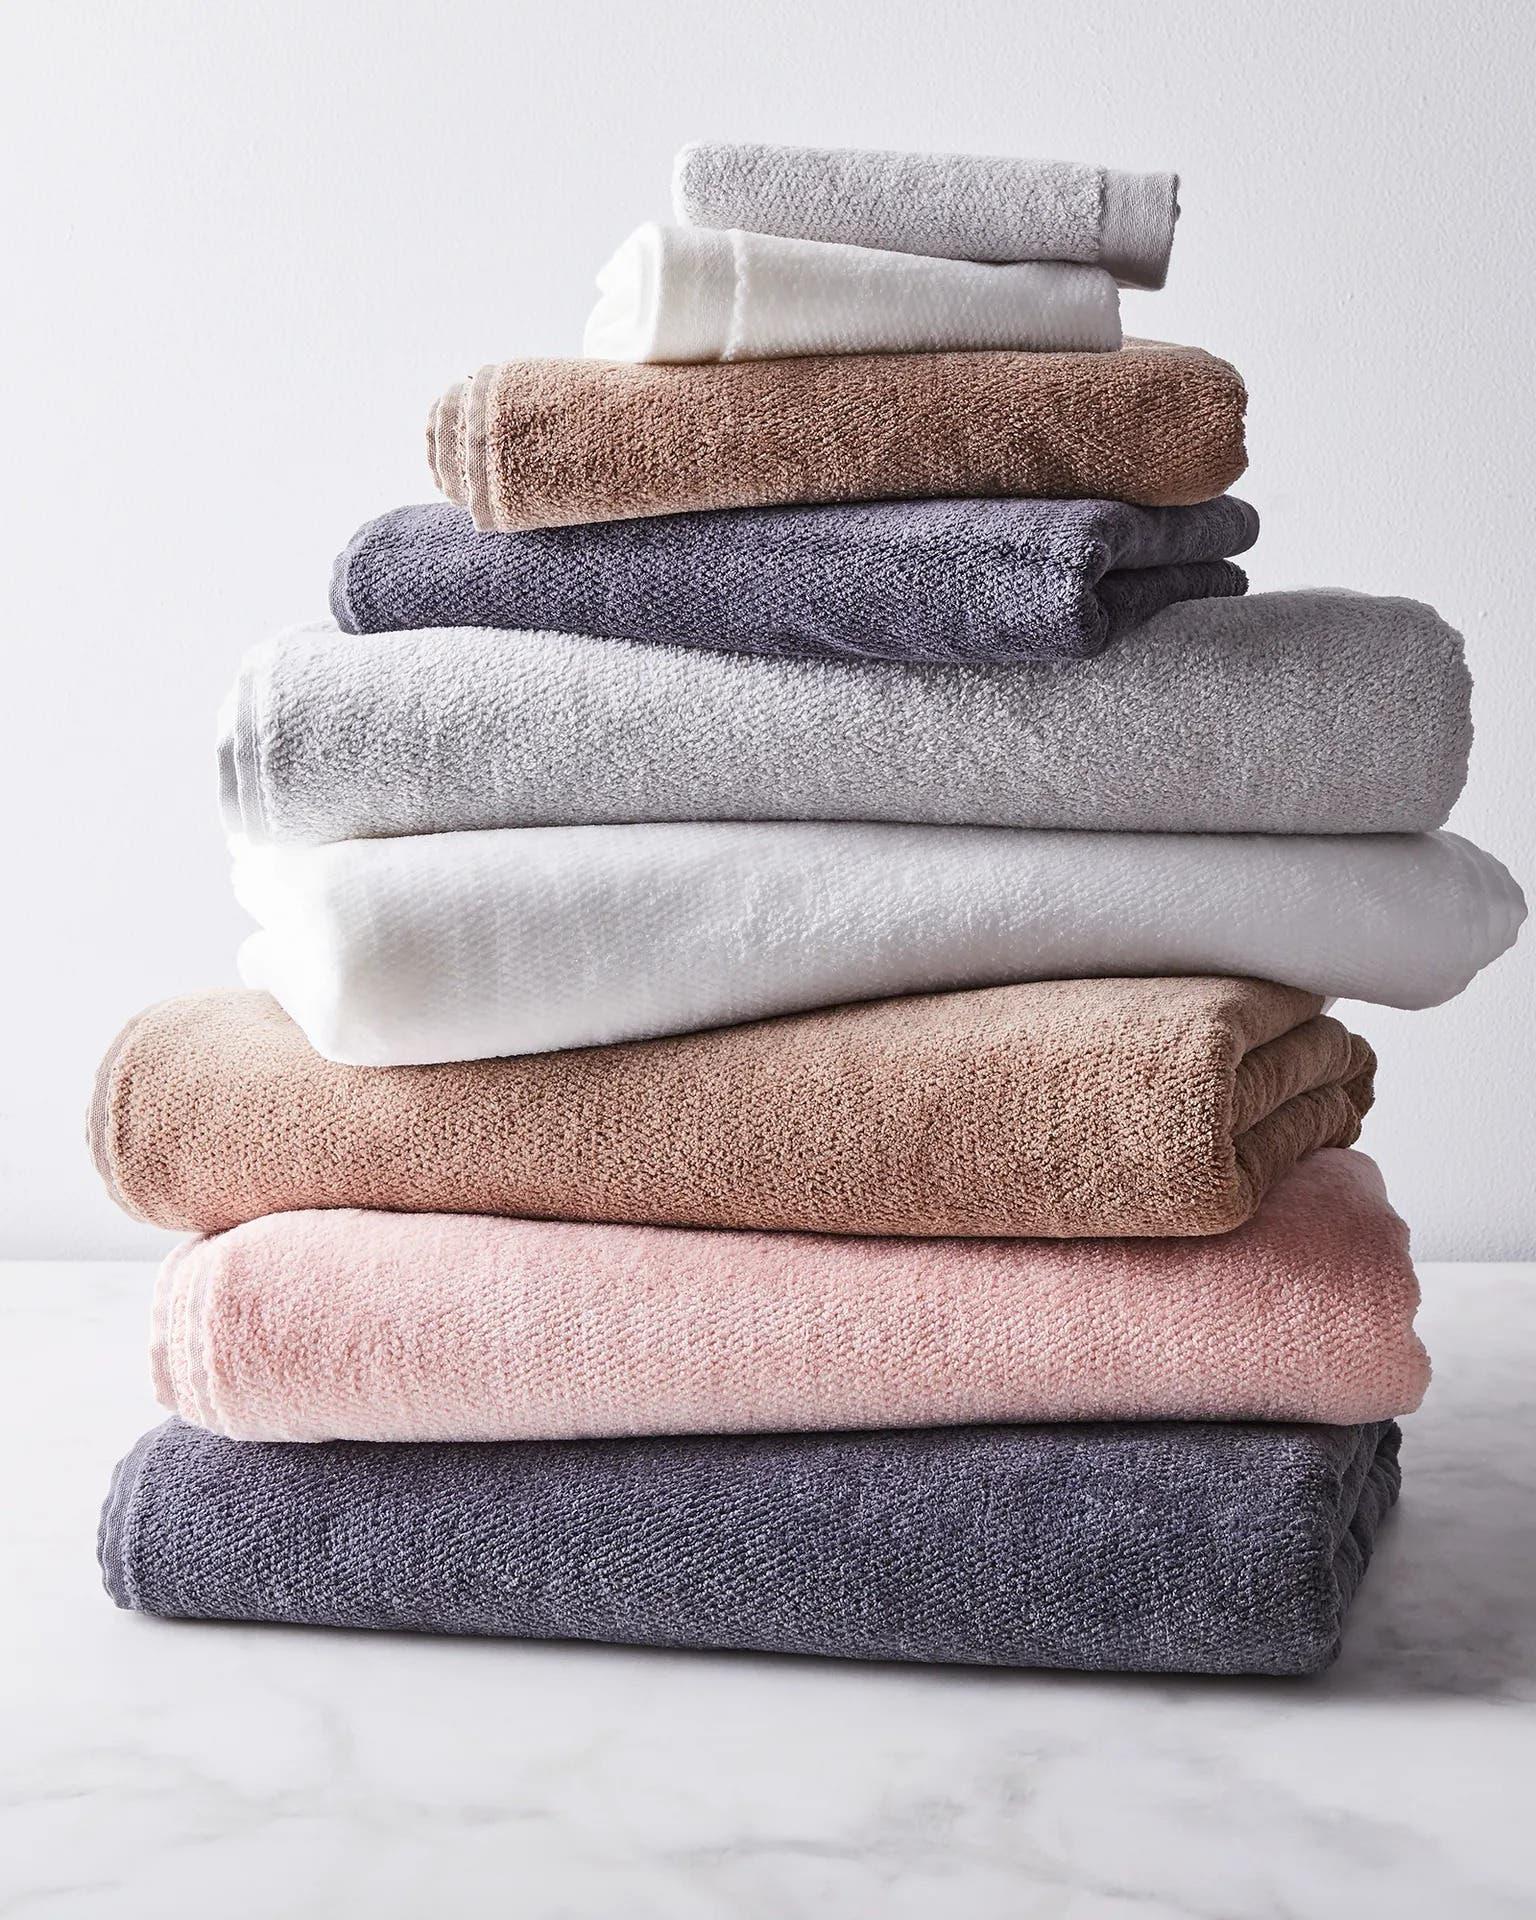 lavage serviettes